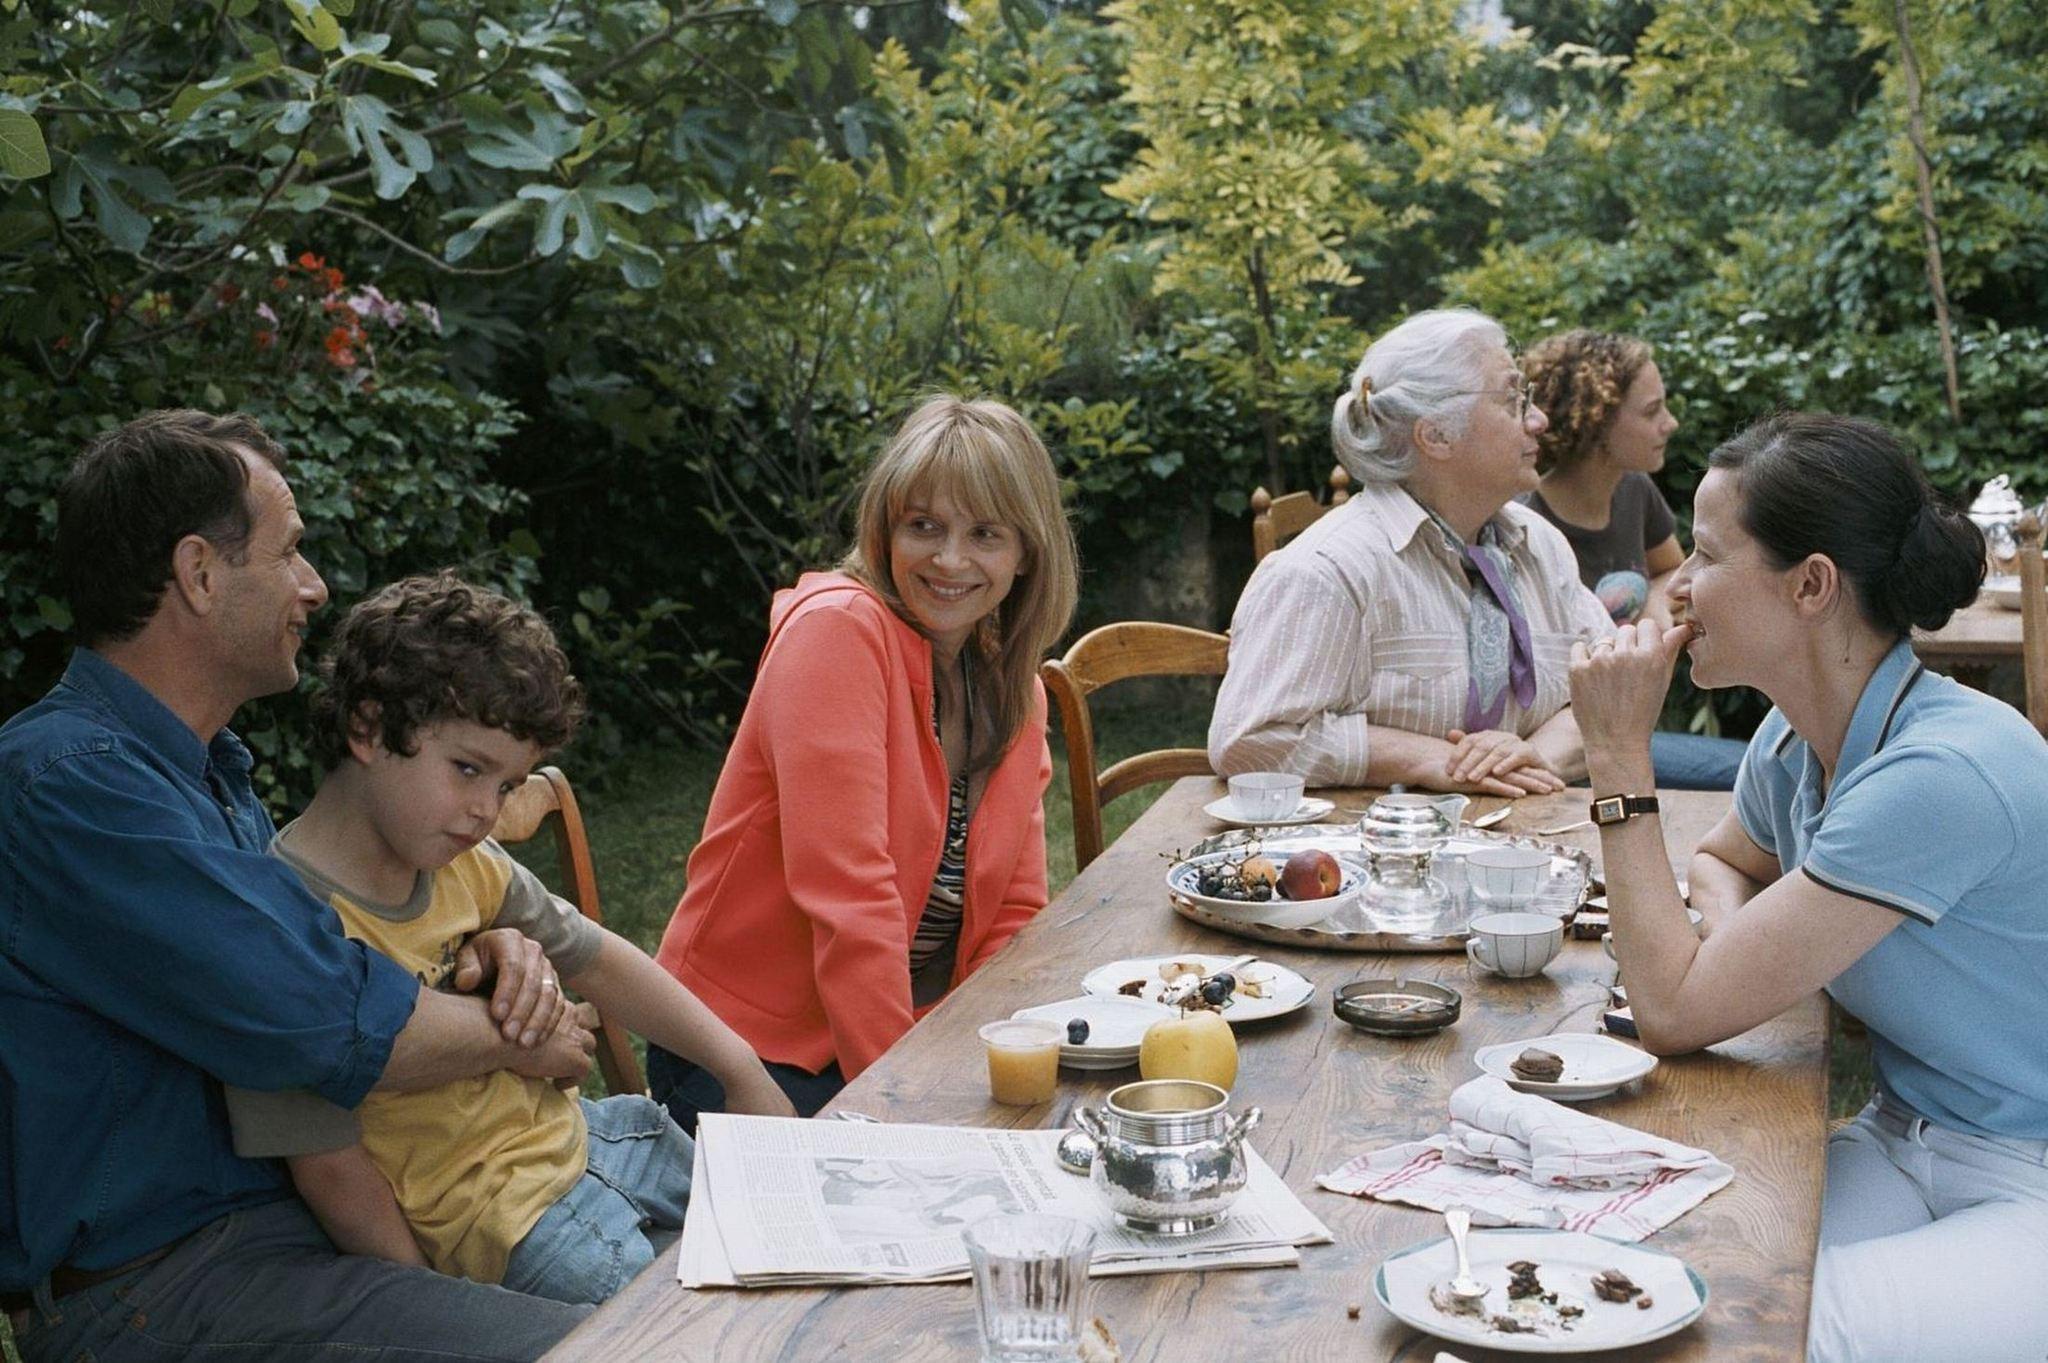 Juliette Binoche, Charles Berling, Dominique Reymond, Isabelle Sadoyan, Alice de Lencquesaing, and Max Ricat in L'heure d'été (2008)